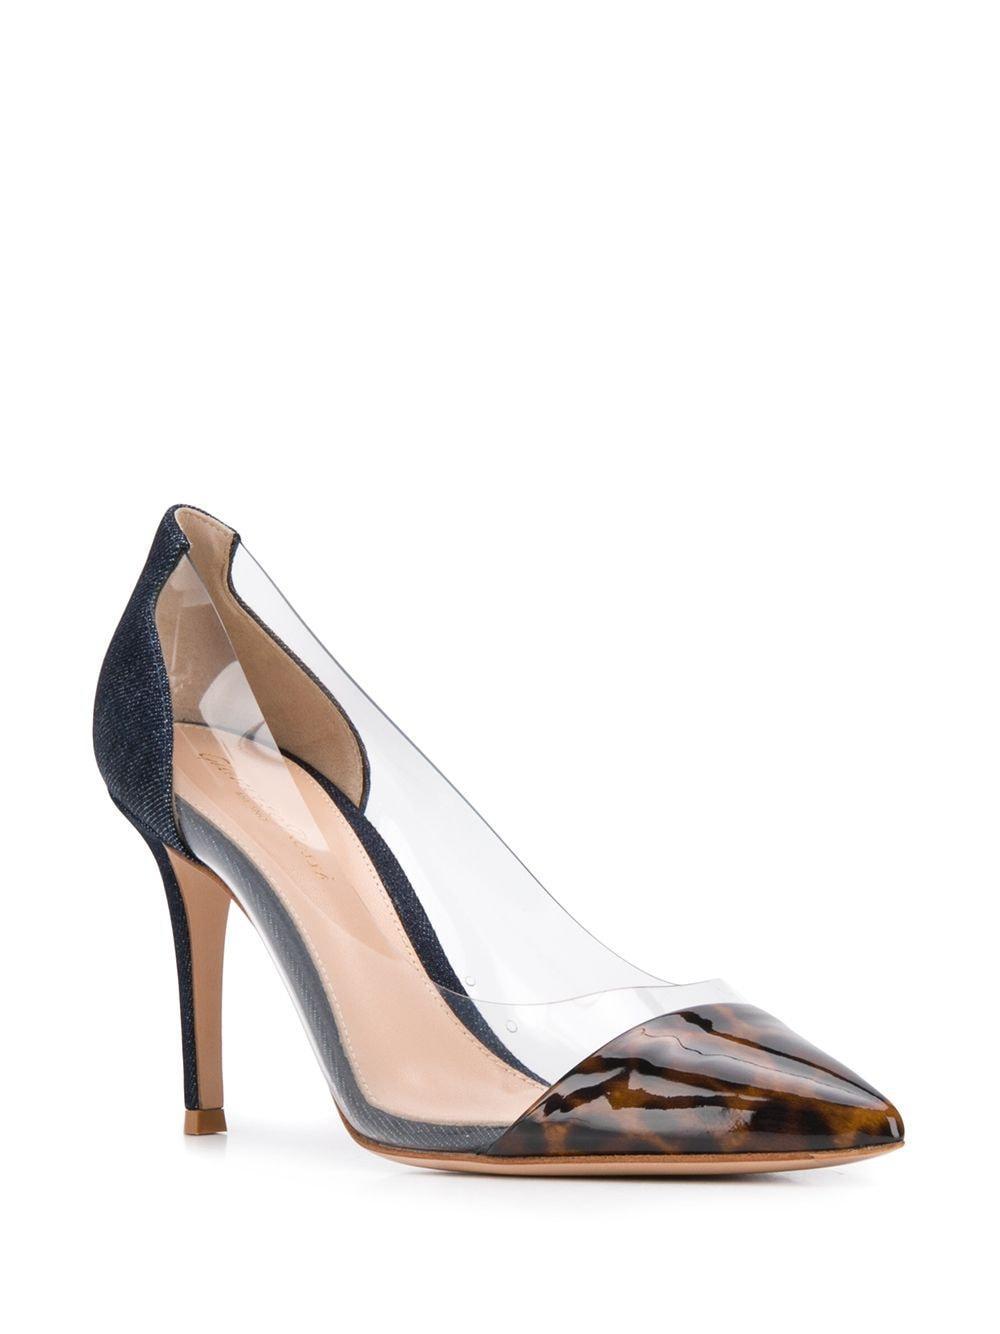 Zapatos con tacón alto y puntera en punta Gianvito Rossi de Denim de color Marrón